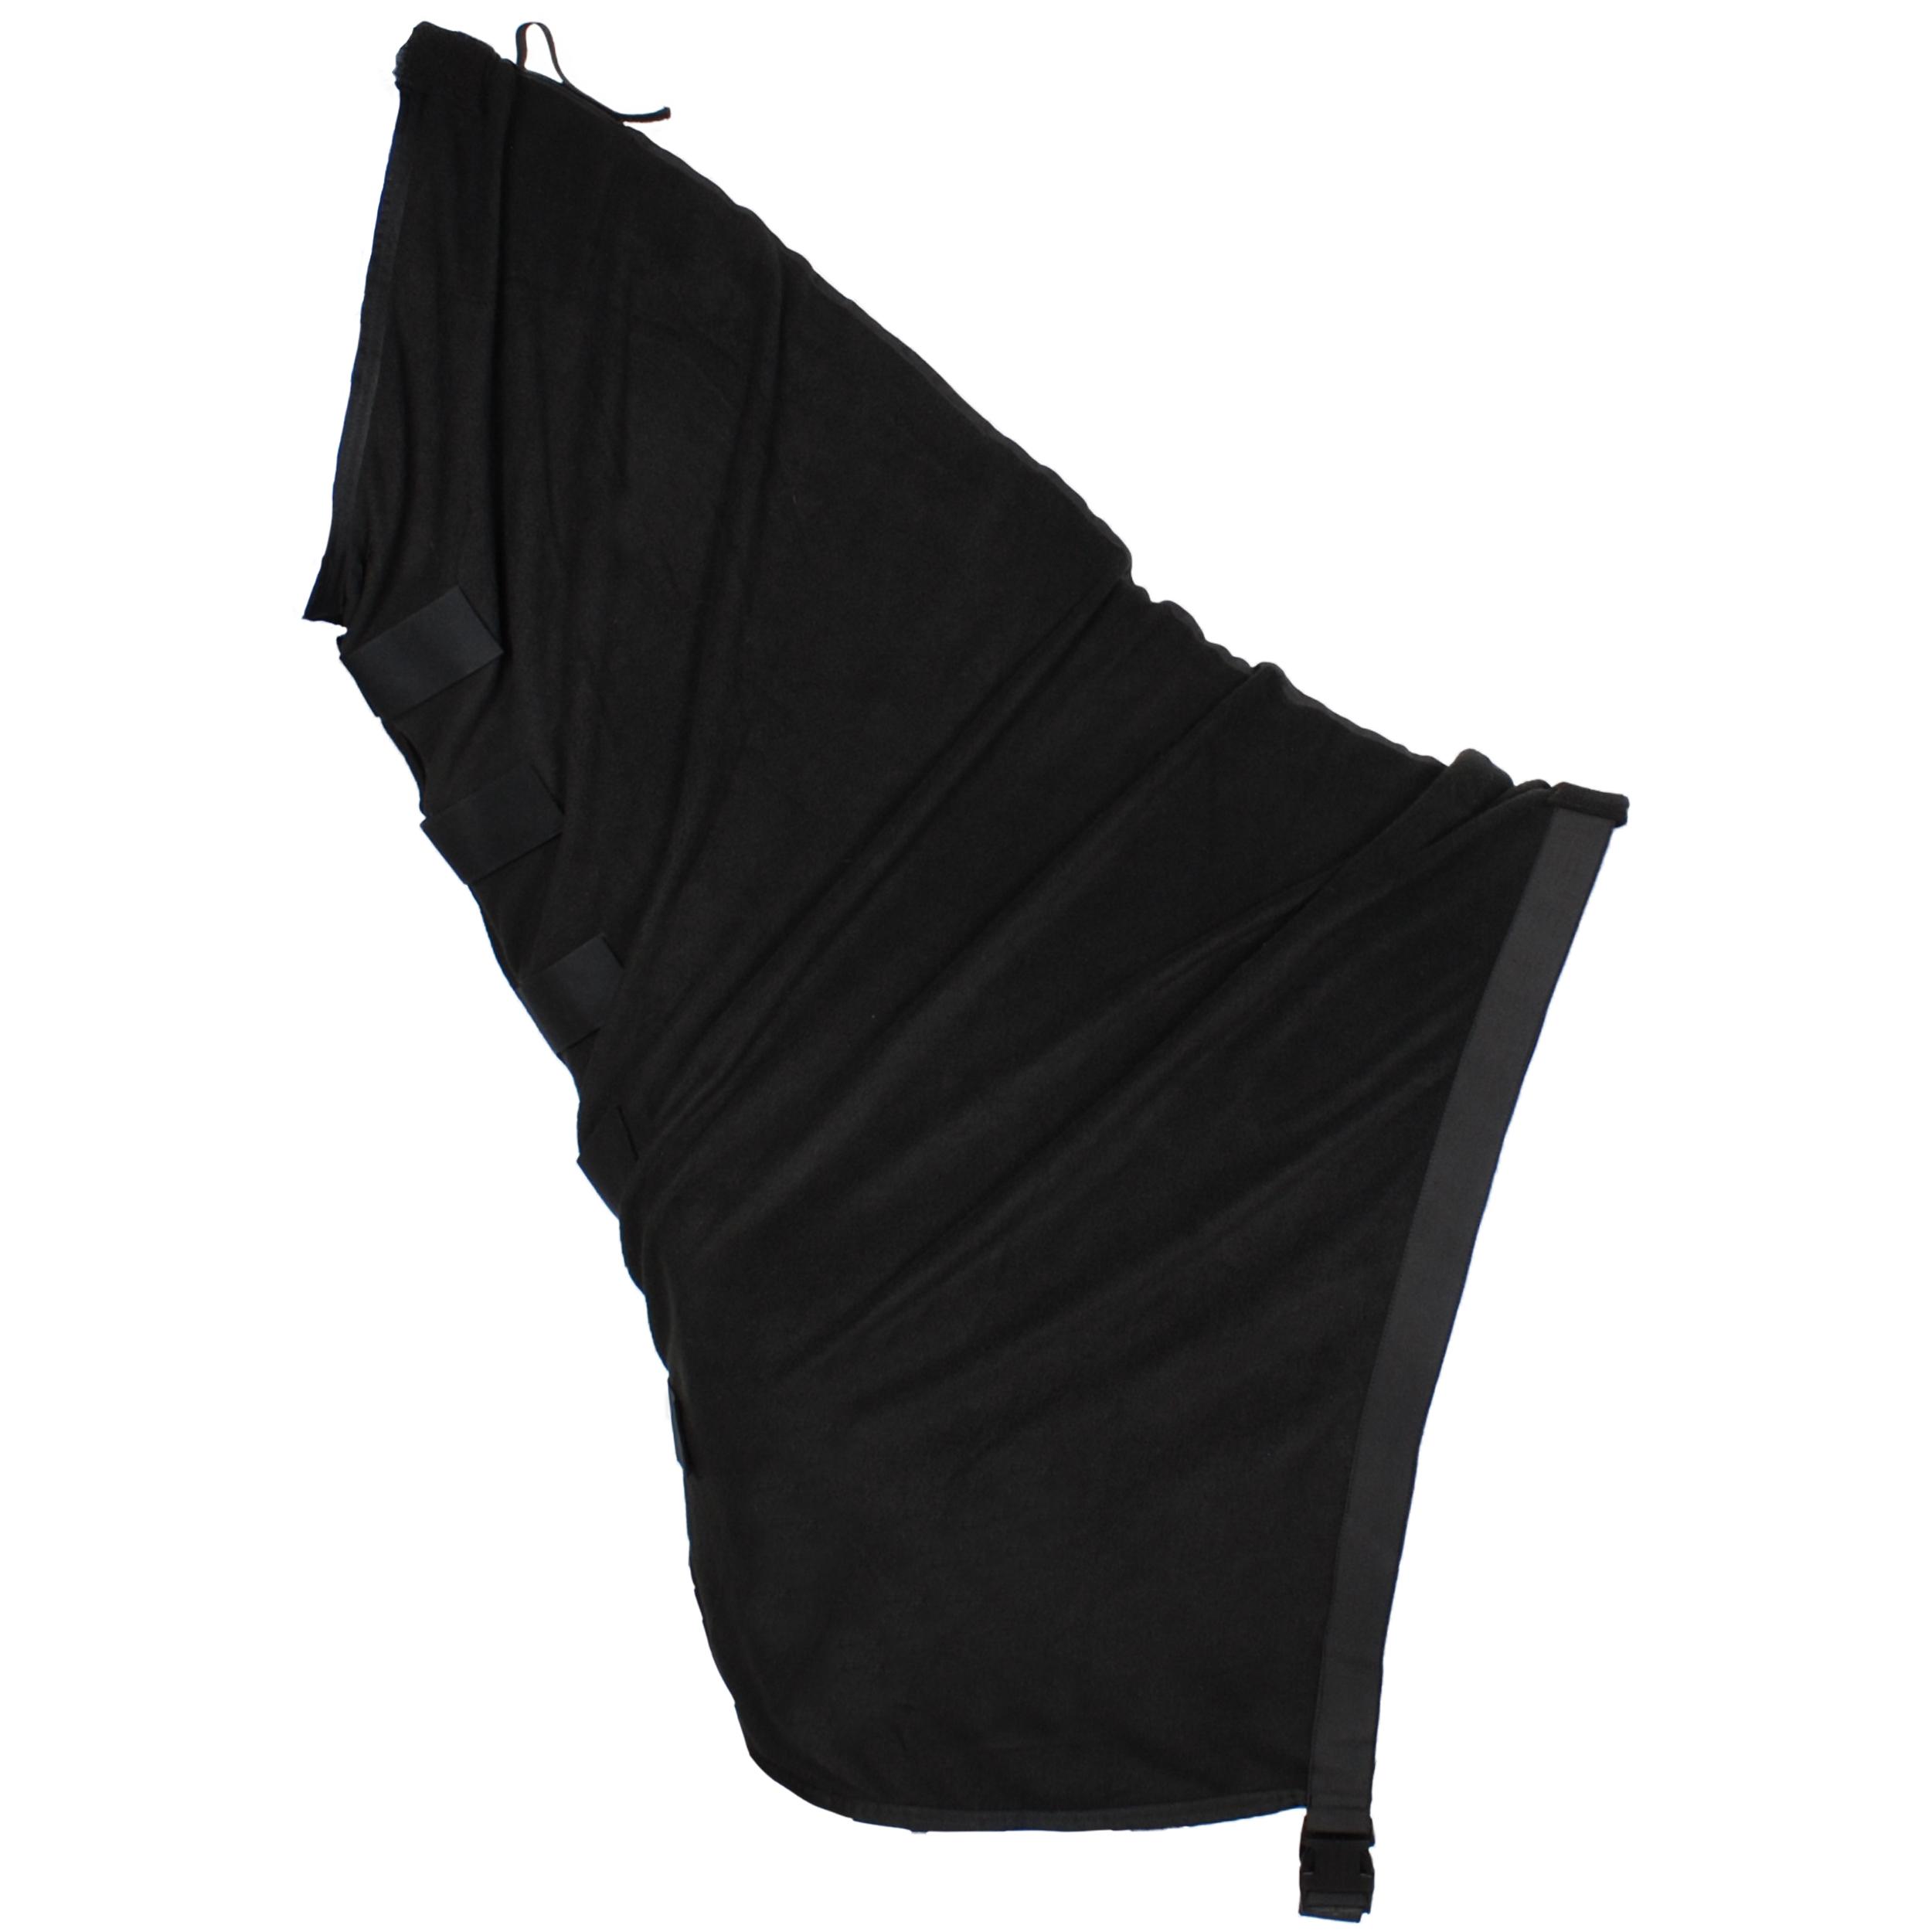 Pagony fleece hals/ shoulder cover zwart maat:s